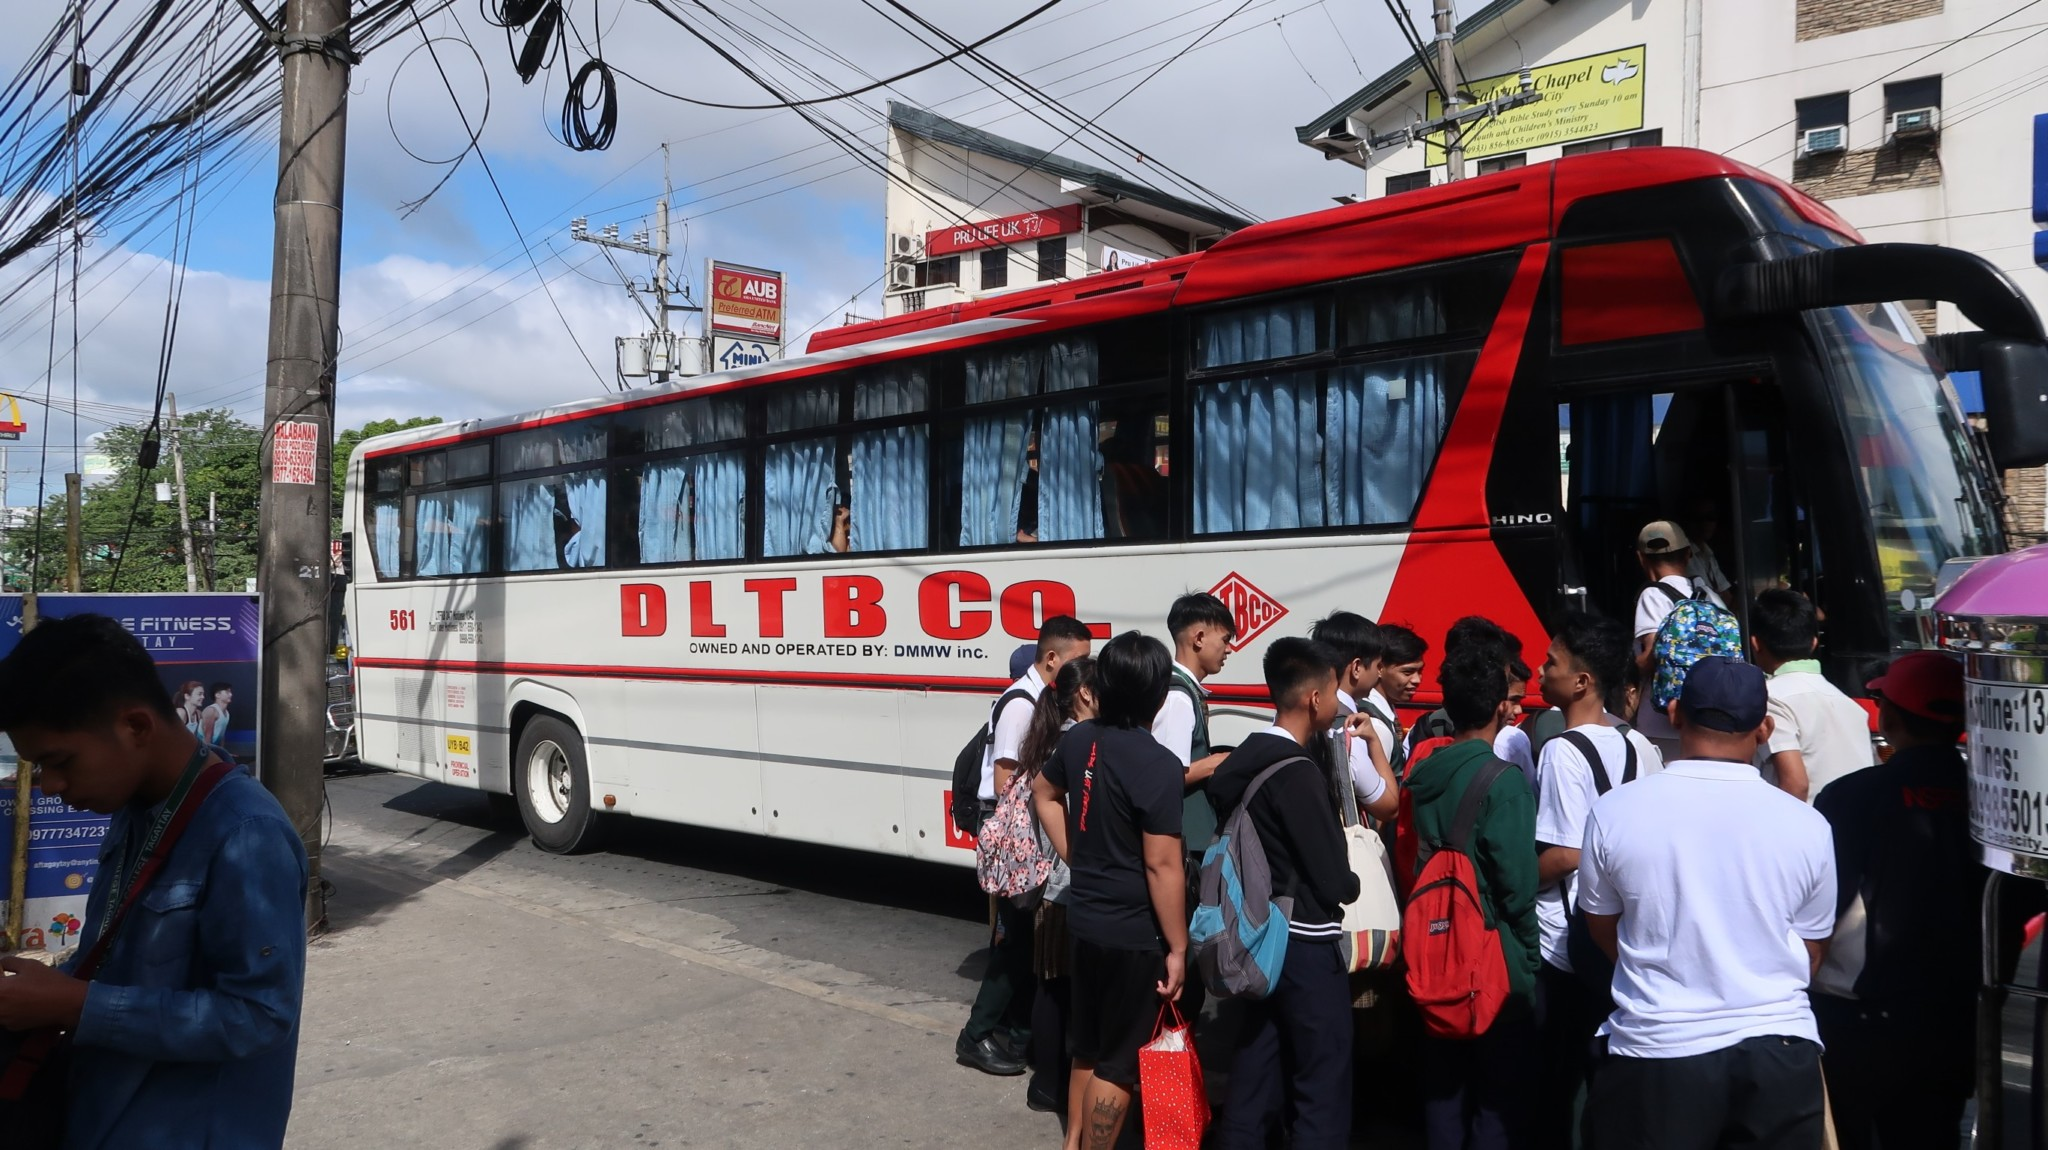 DLTB Bus